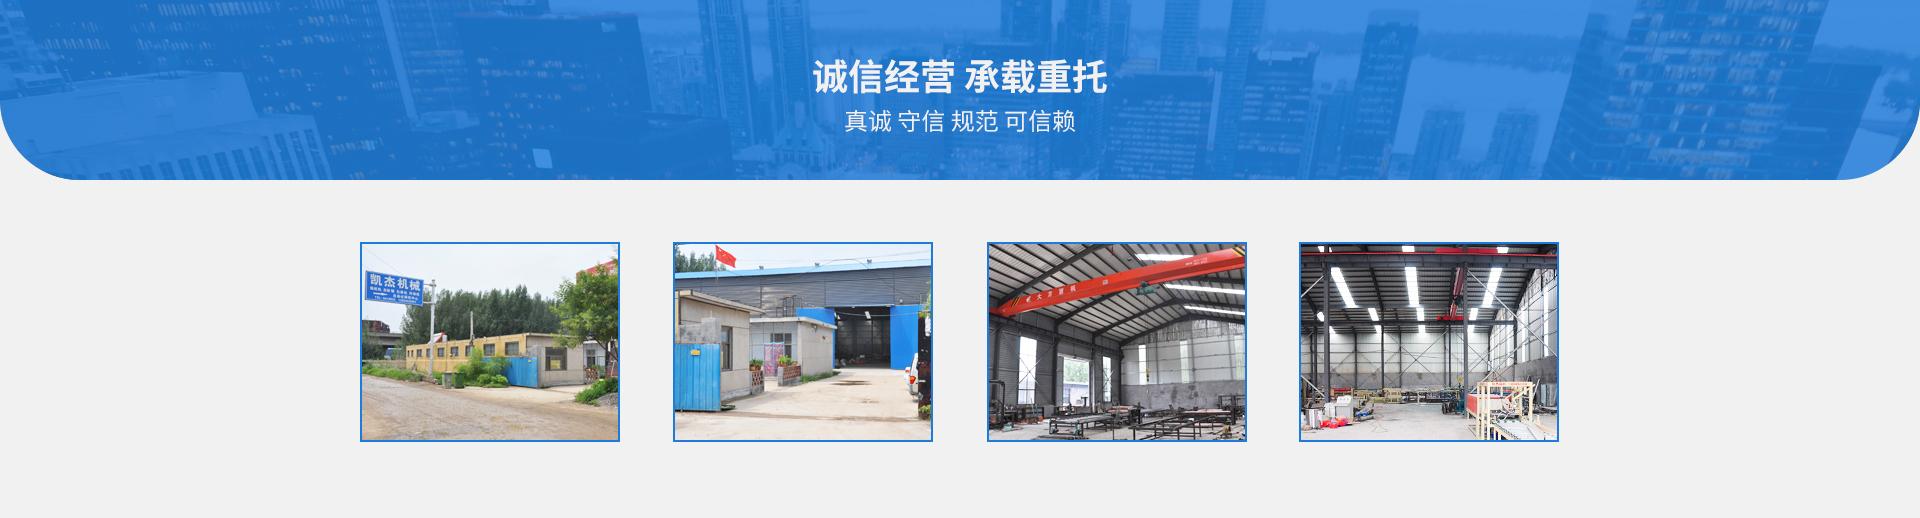 双面贴面机生产厂家,pvc石膏板塑封机厂家,pvc石膏板包边机,pvc石膏板自动包装机